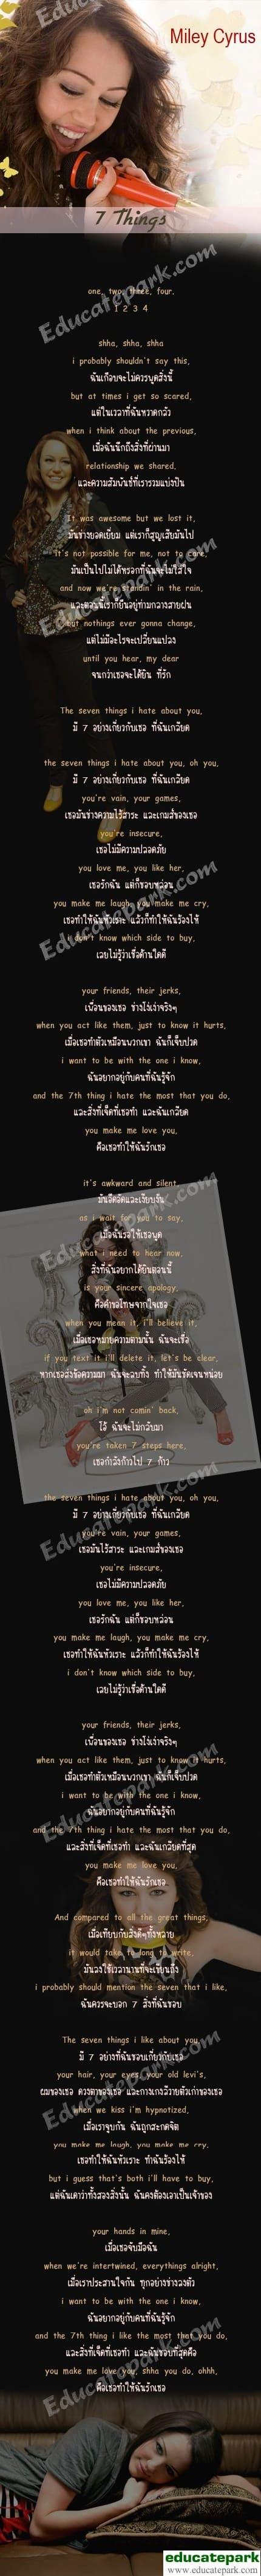 แปลเพลง 7 Things - Miley Cyrus